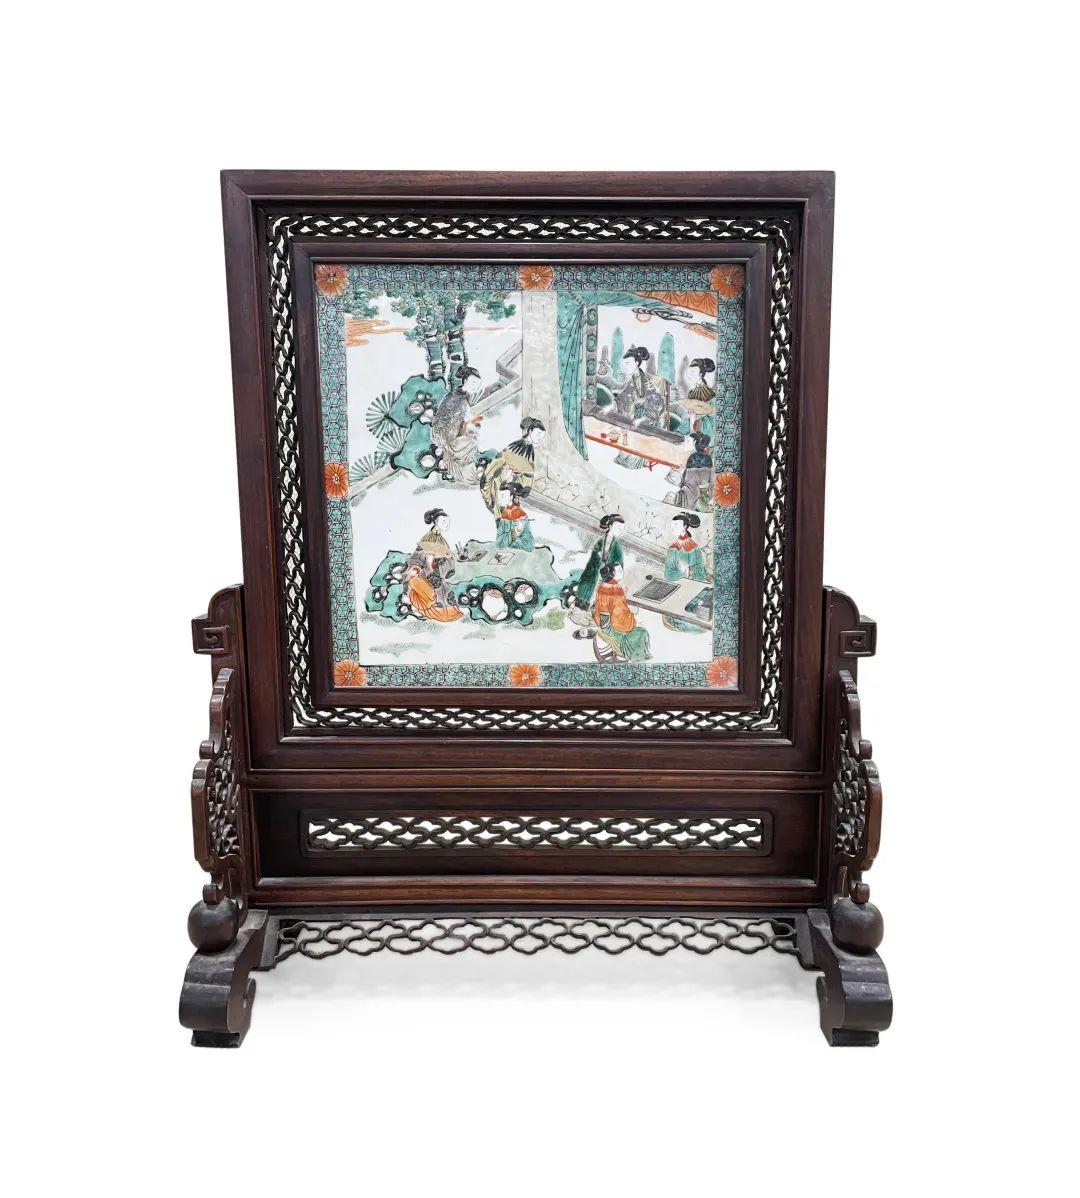 惠民消费季艺术品拍卖会:倾心·中国古董及工艺品(第五期)